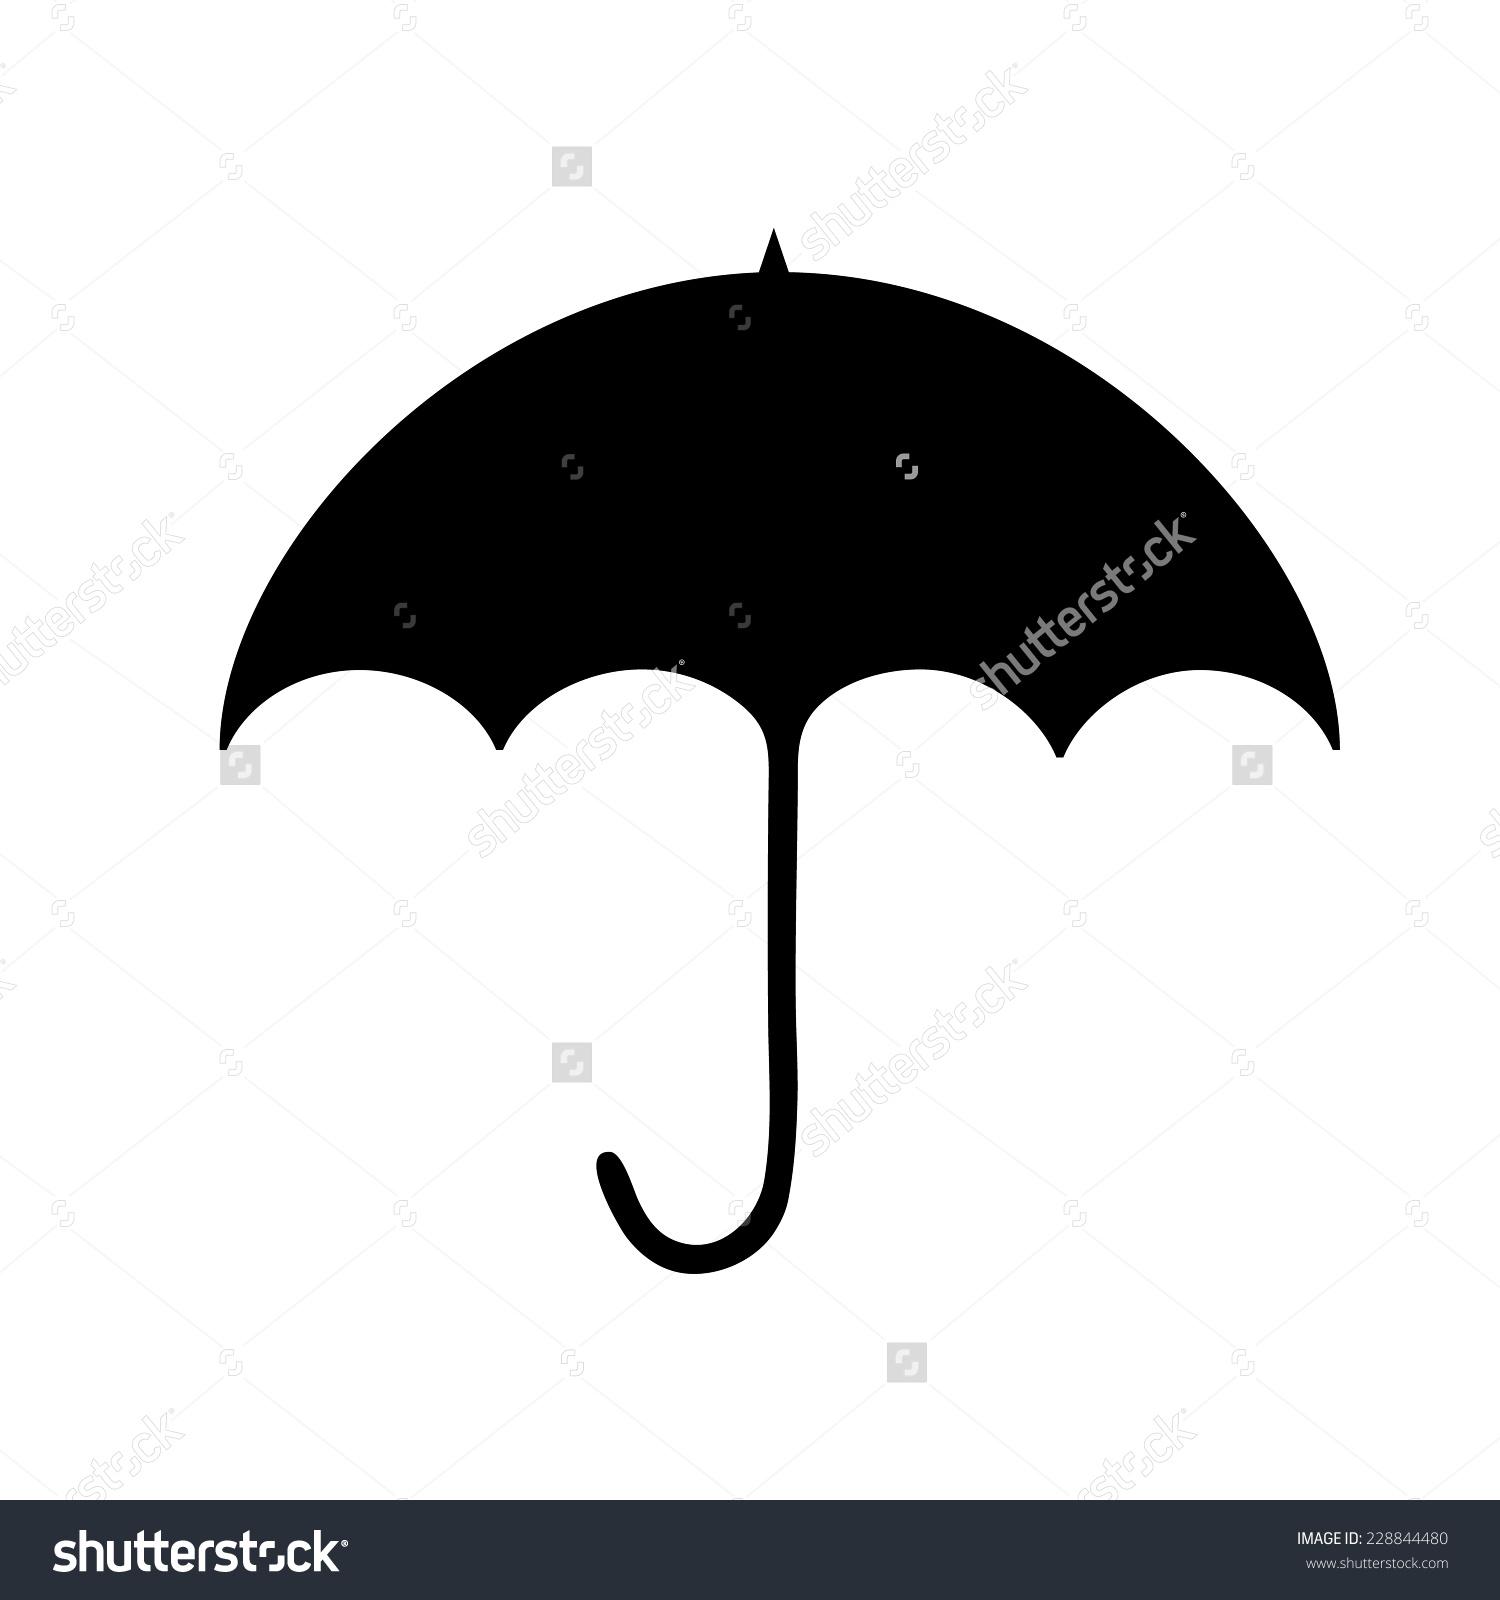 Black Umbrella Silhouette Clip Art Stock Vector 228844480.